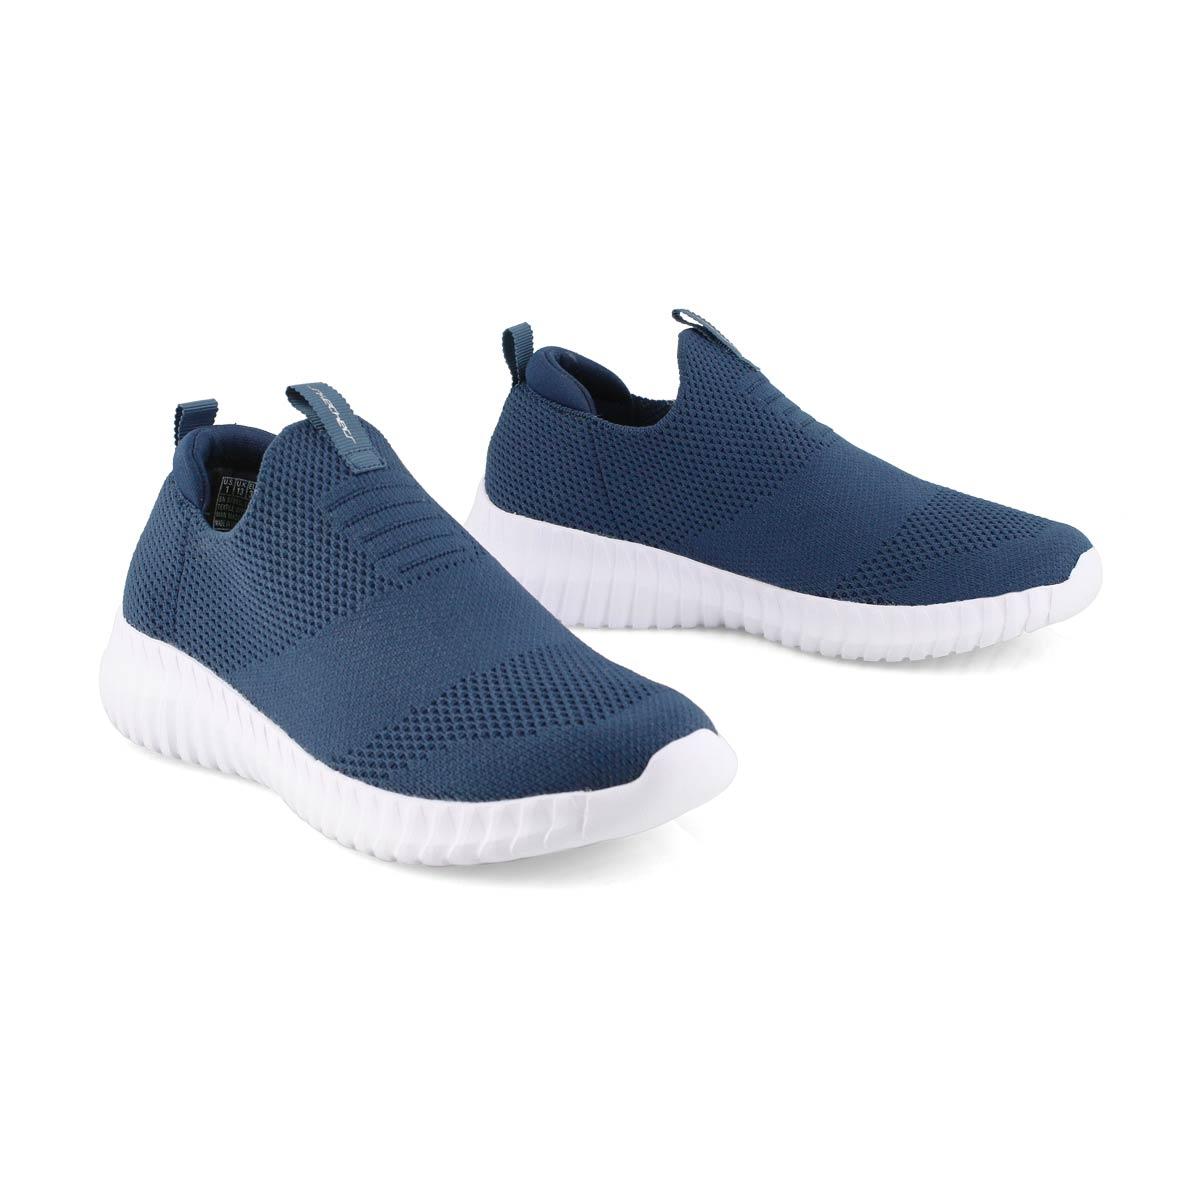 Bys Elite Flex Wasik nvy slip on sneaker